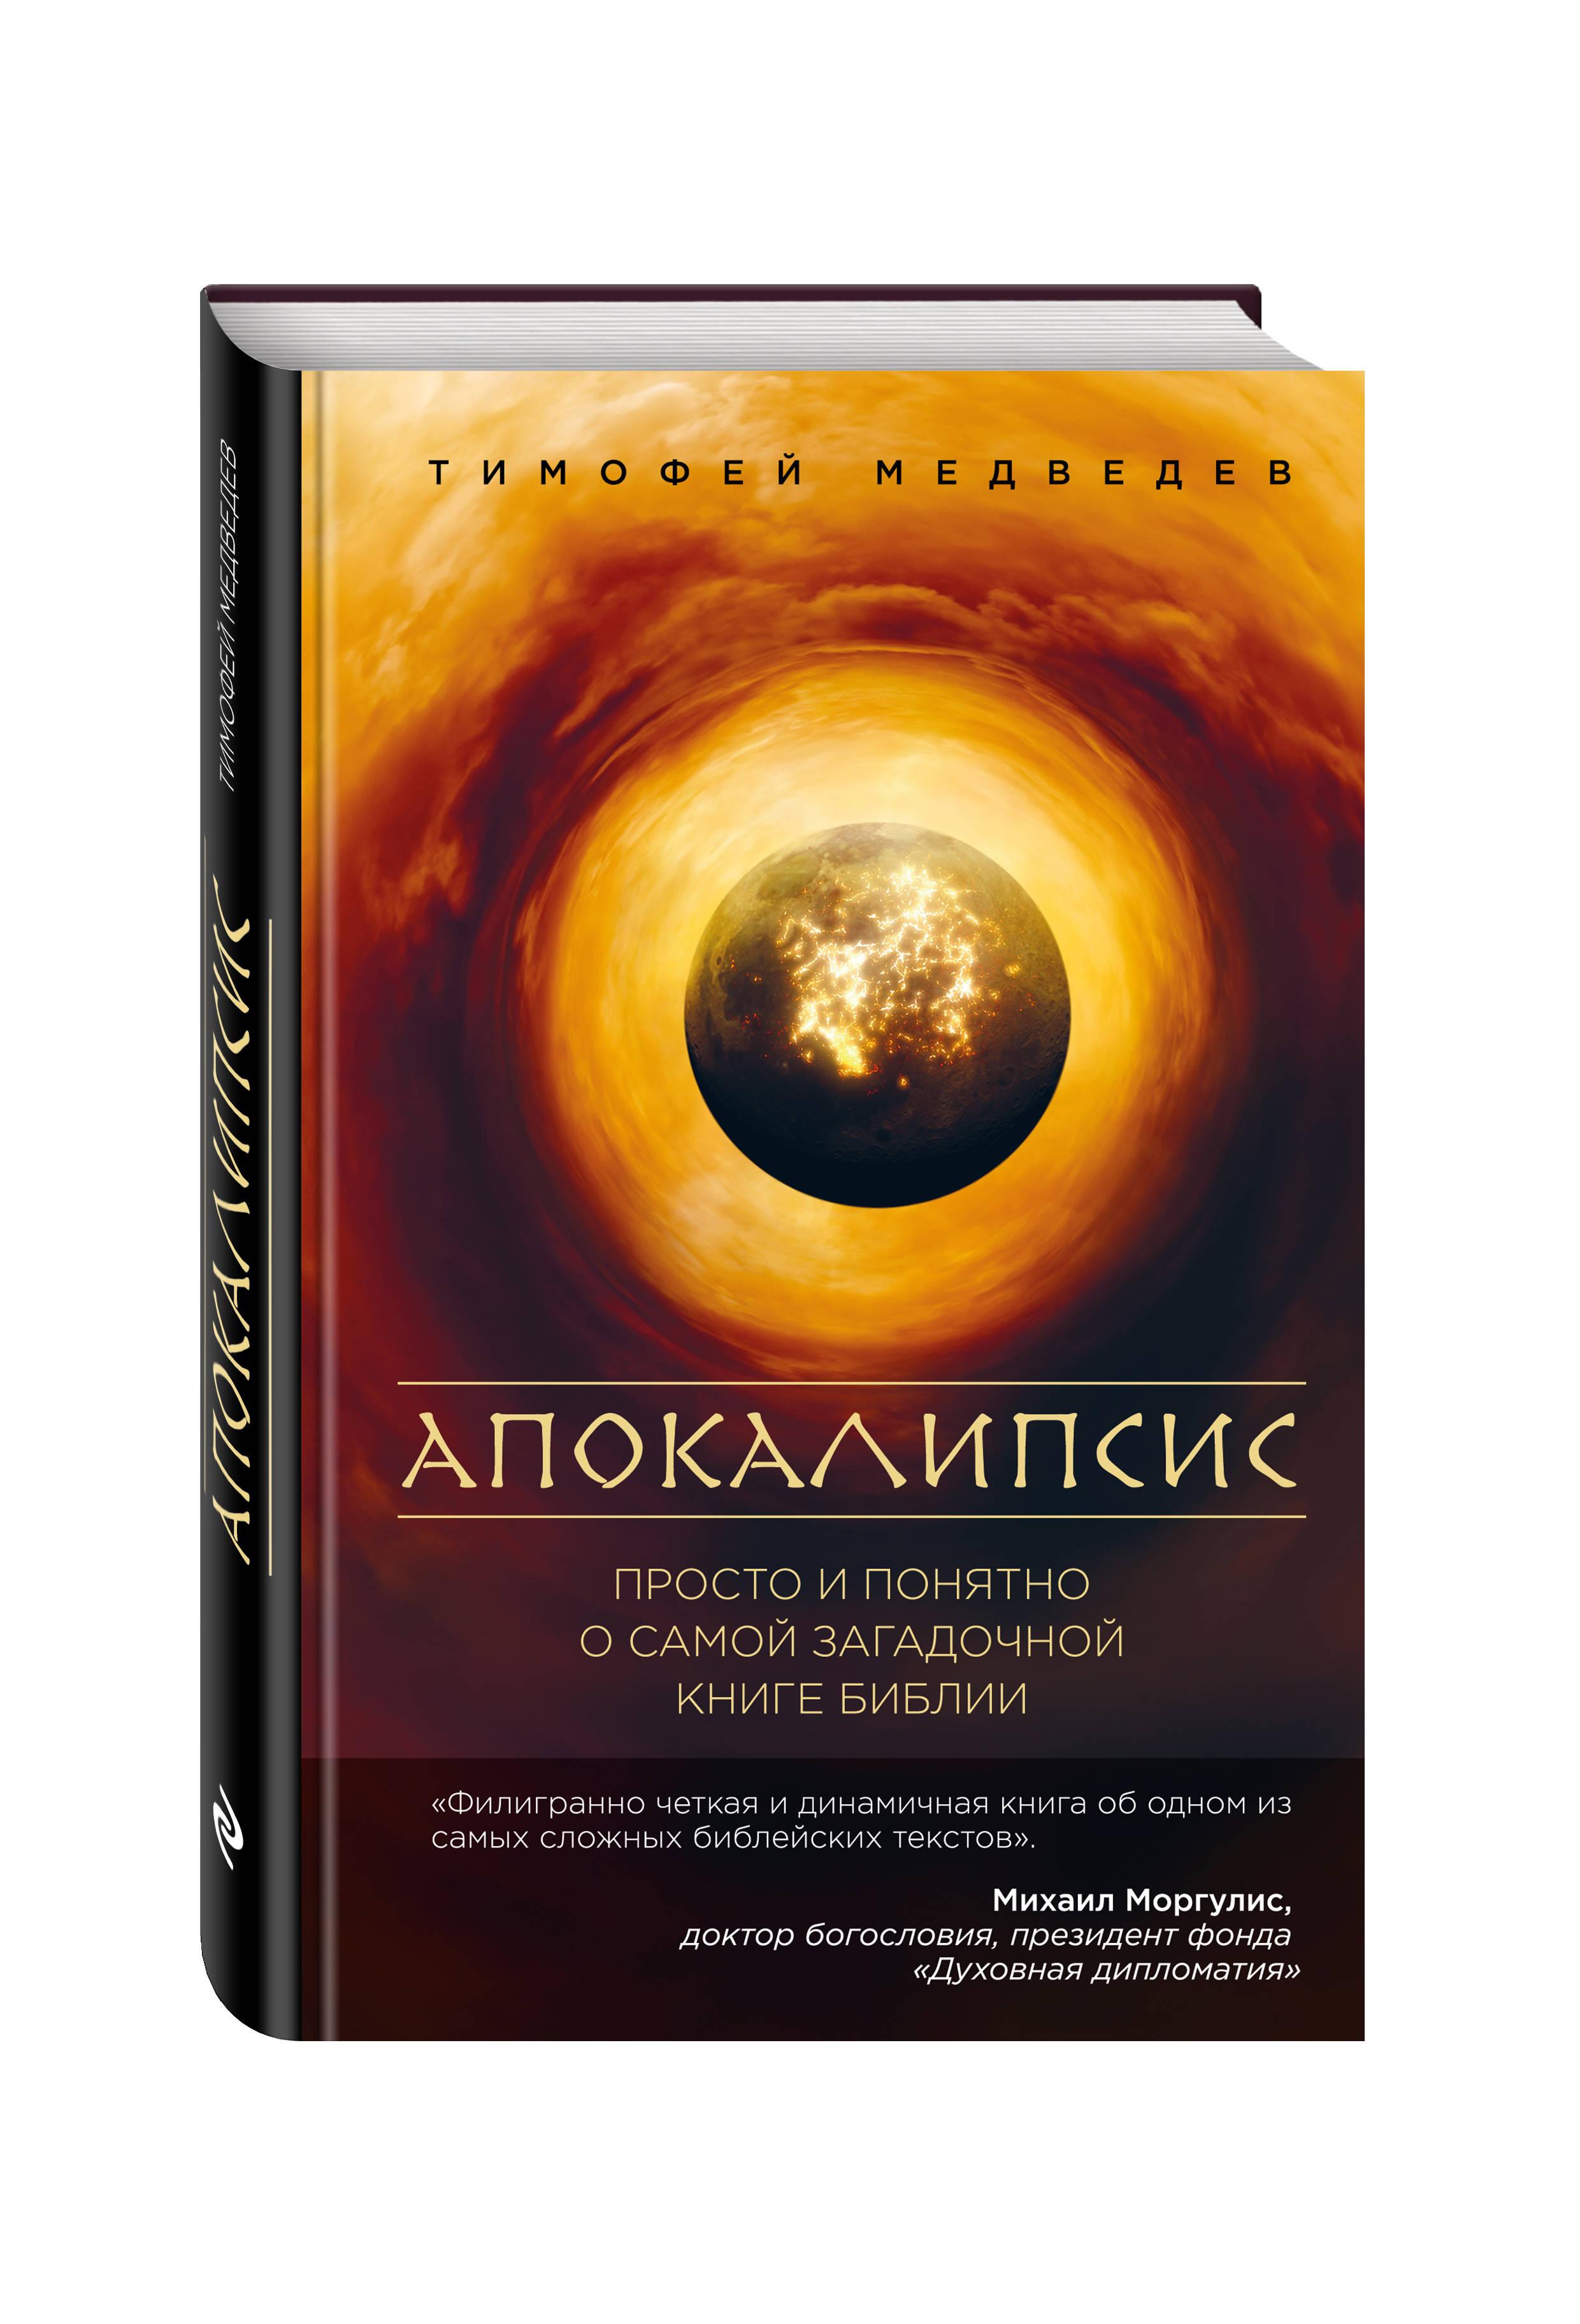 Тимофей Медведев Апокалипсис. Просто и понятно о самой загадочной книге Библии